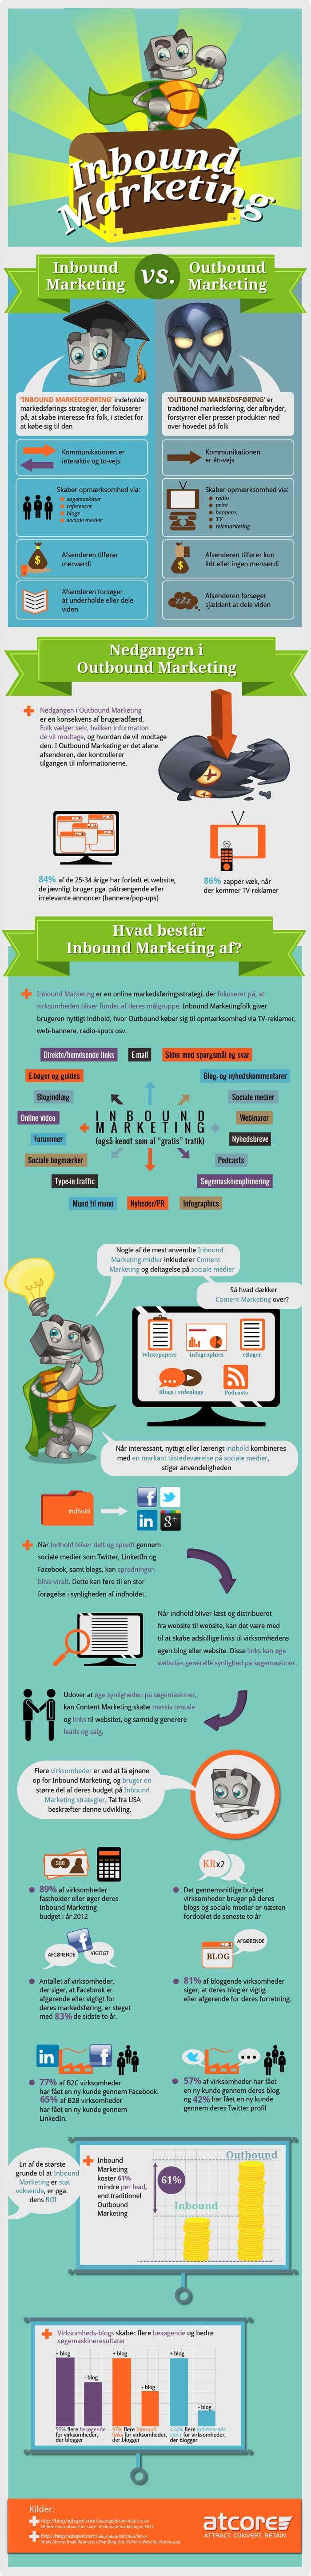 Infographic: Inbound vs. Outbound Marketing